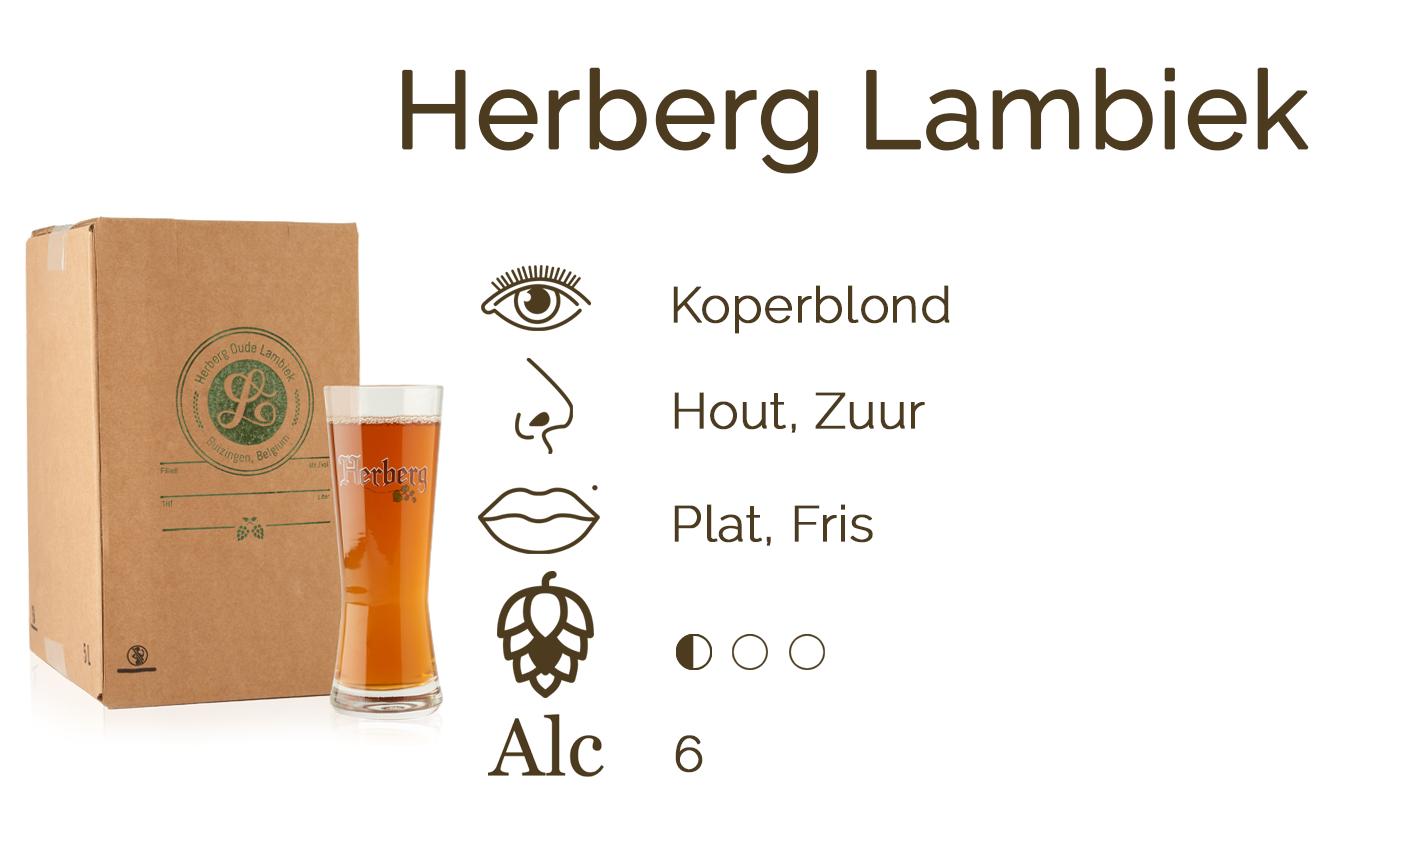 Smaakfiche def Herberg Lambiek